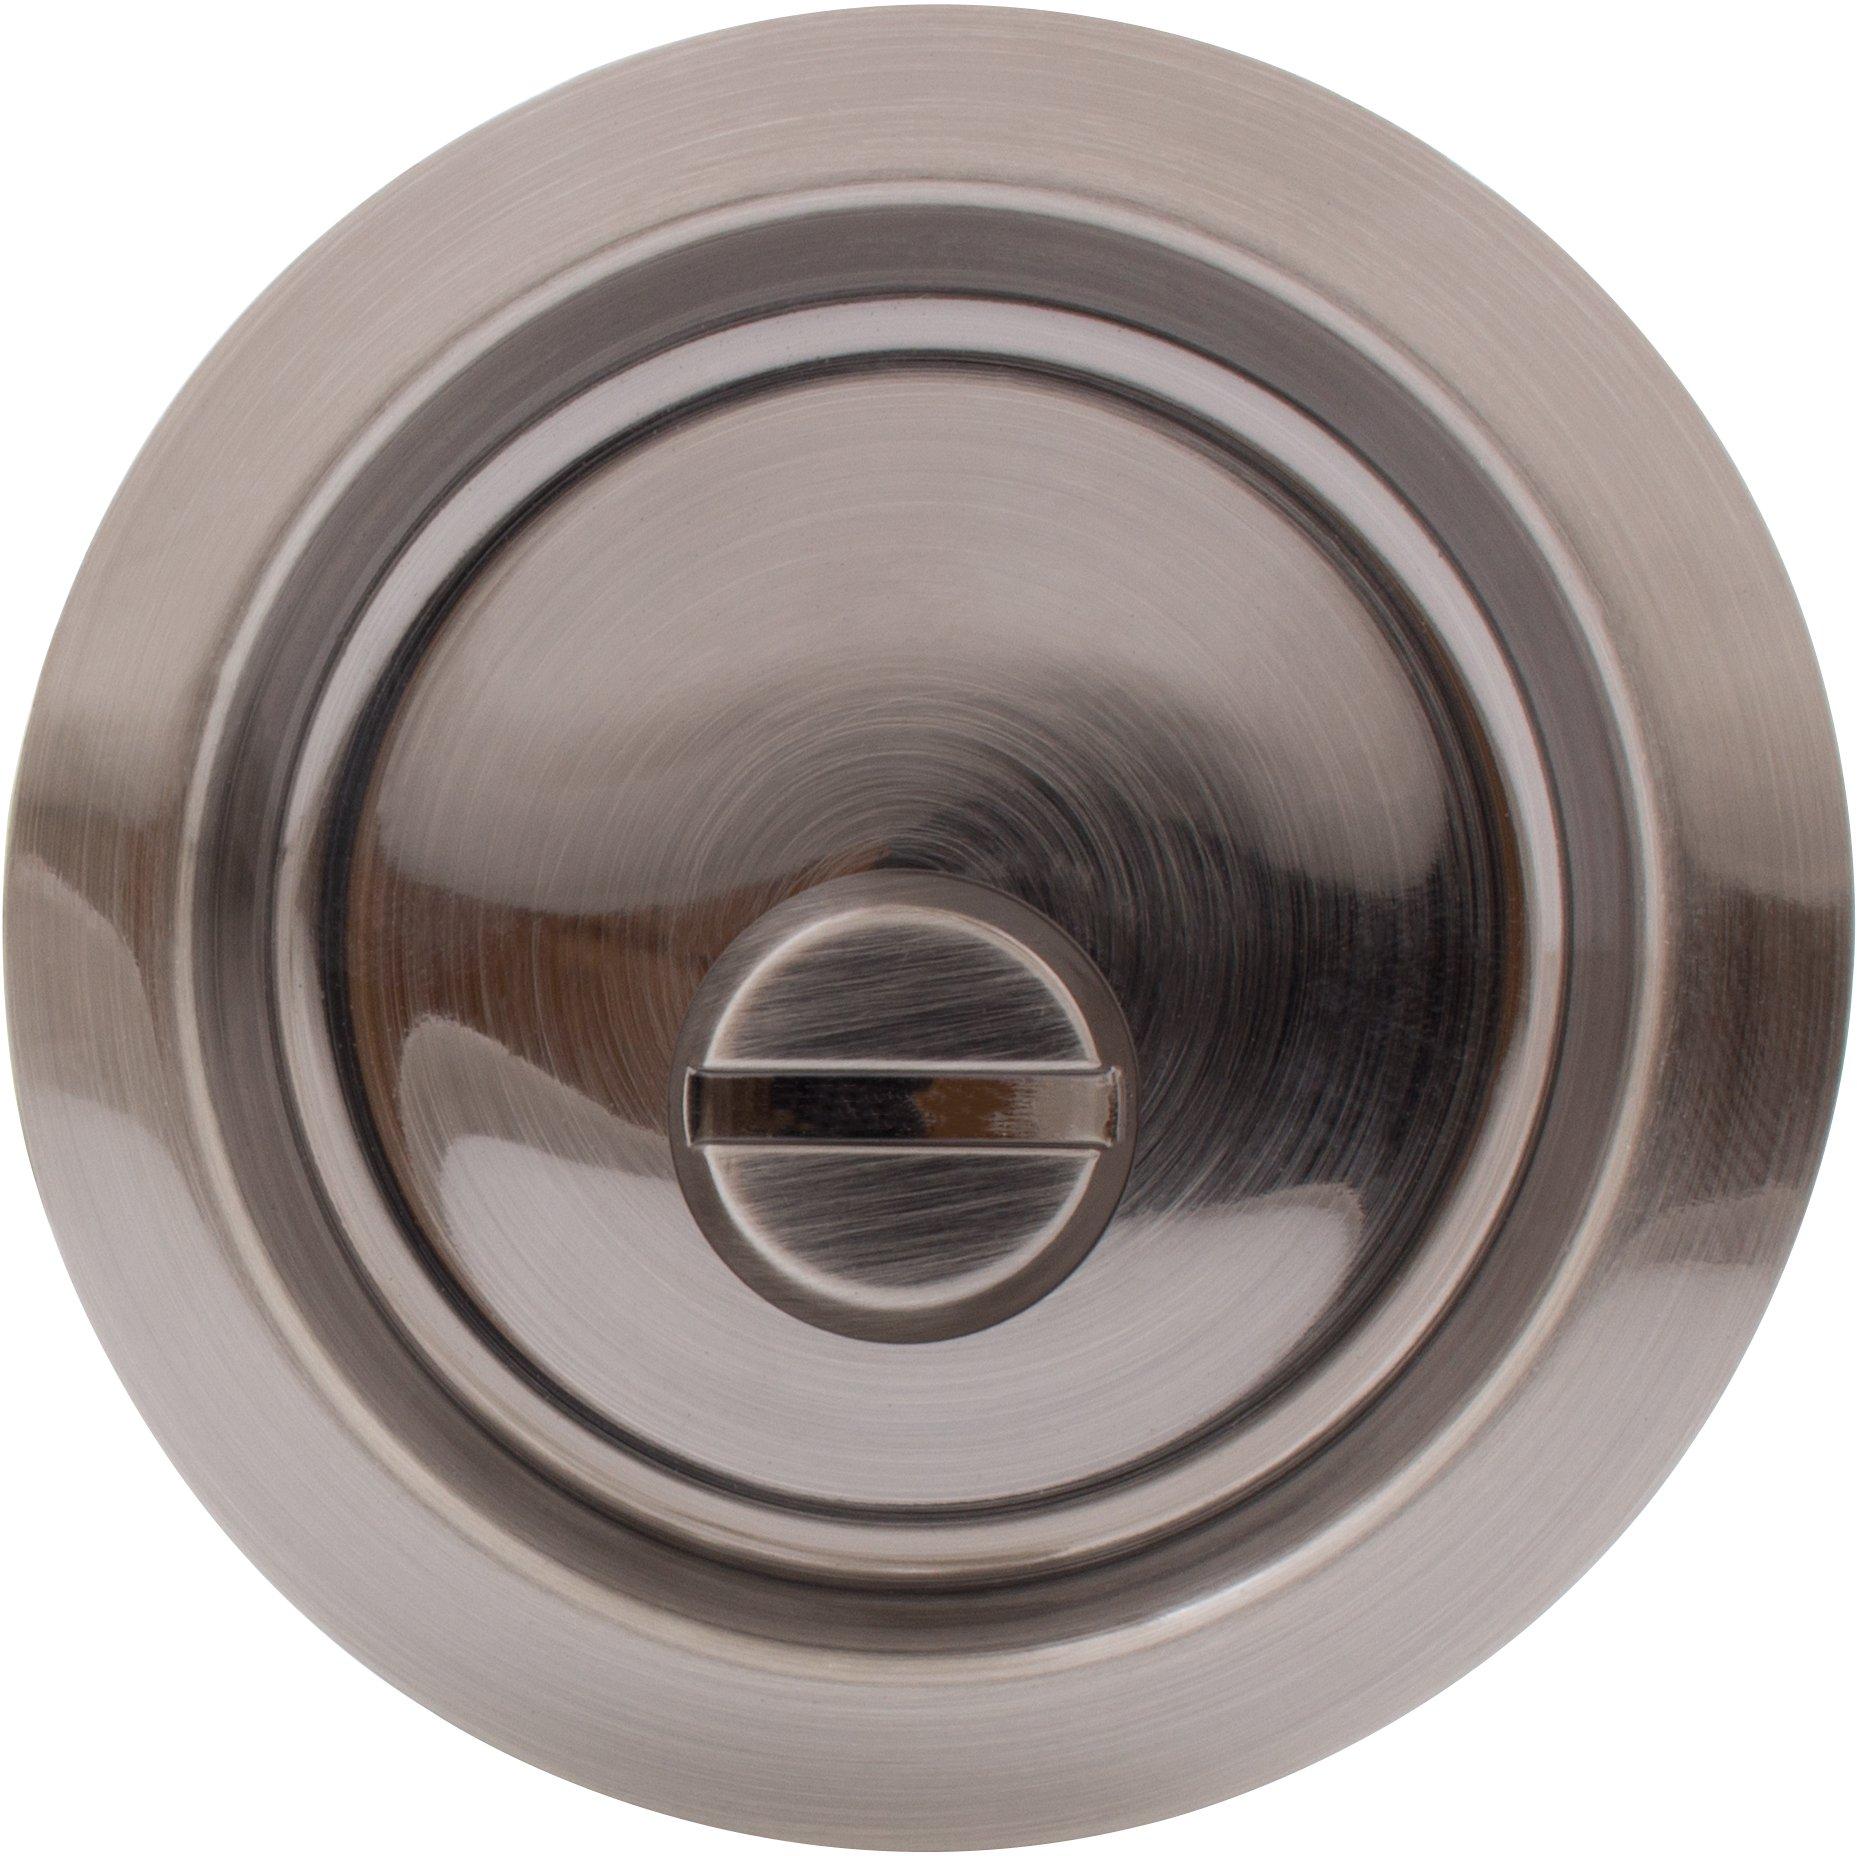 Round Pocket Door Lock Bed/Bath (Privacy) Latch Pocket